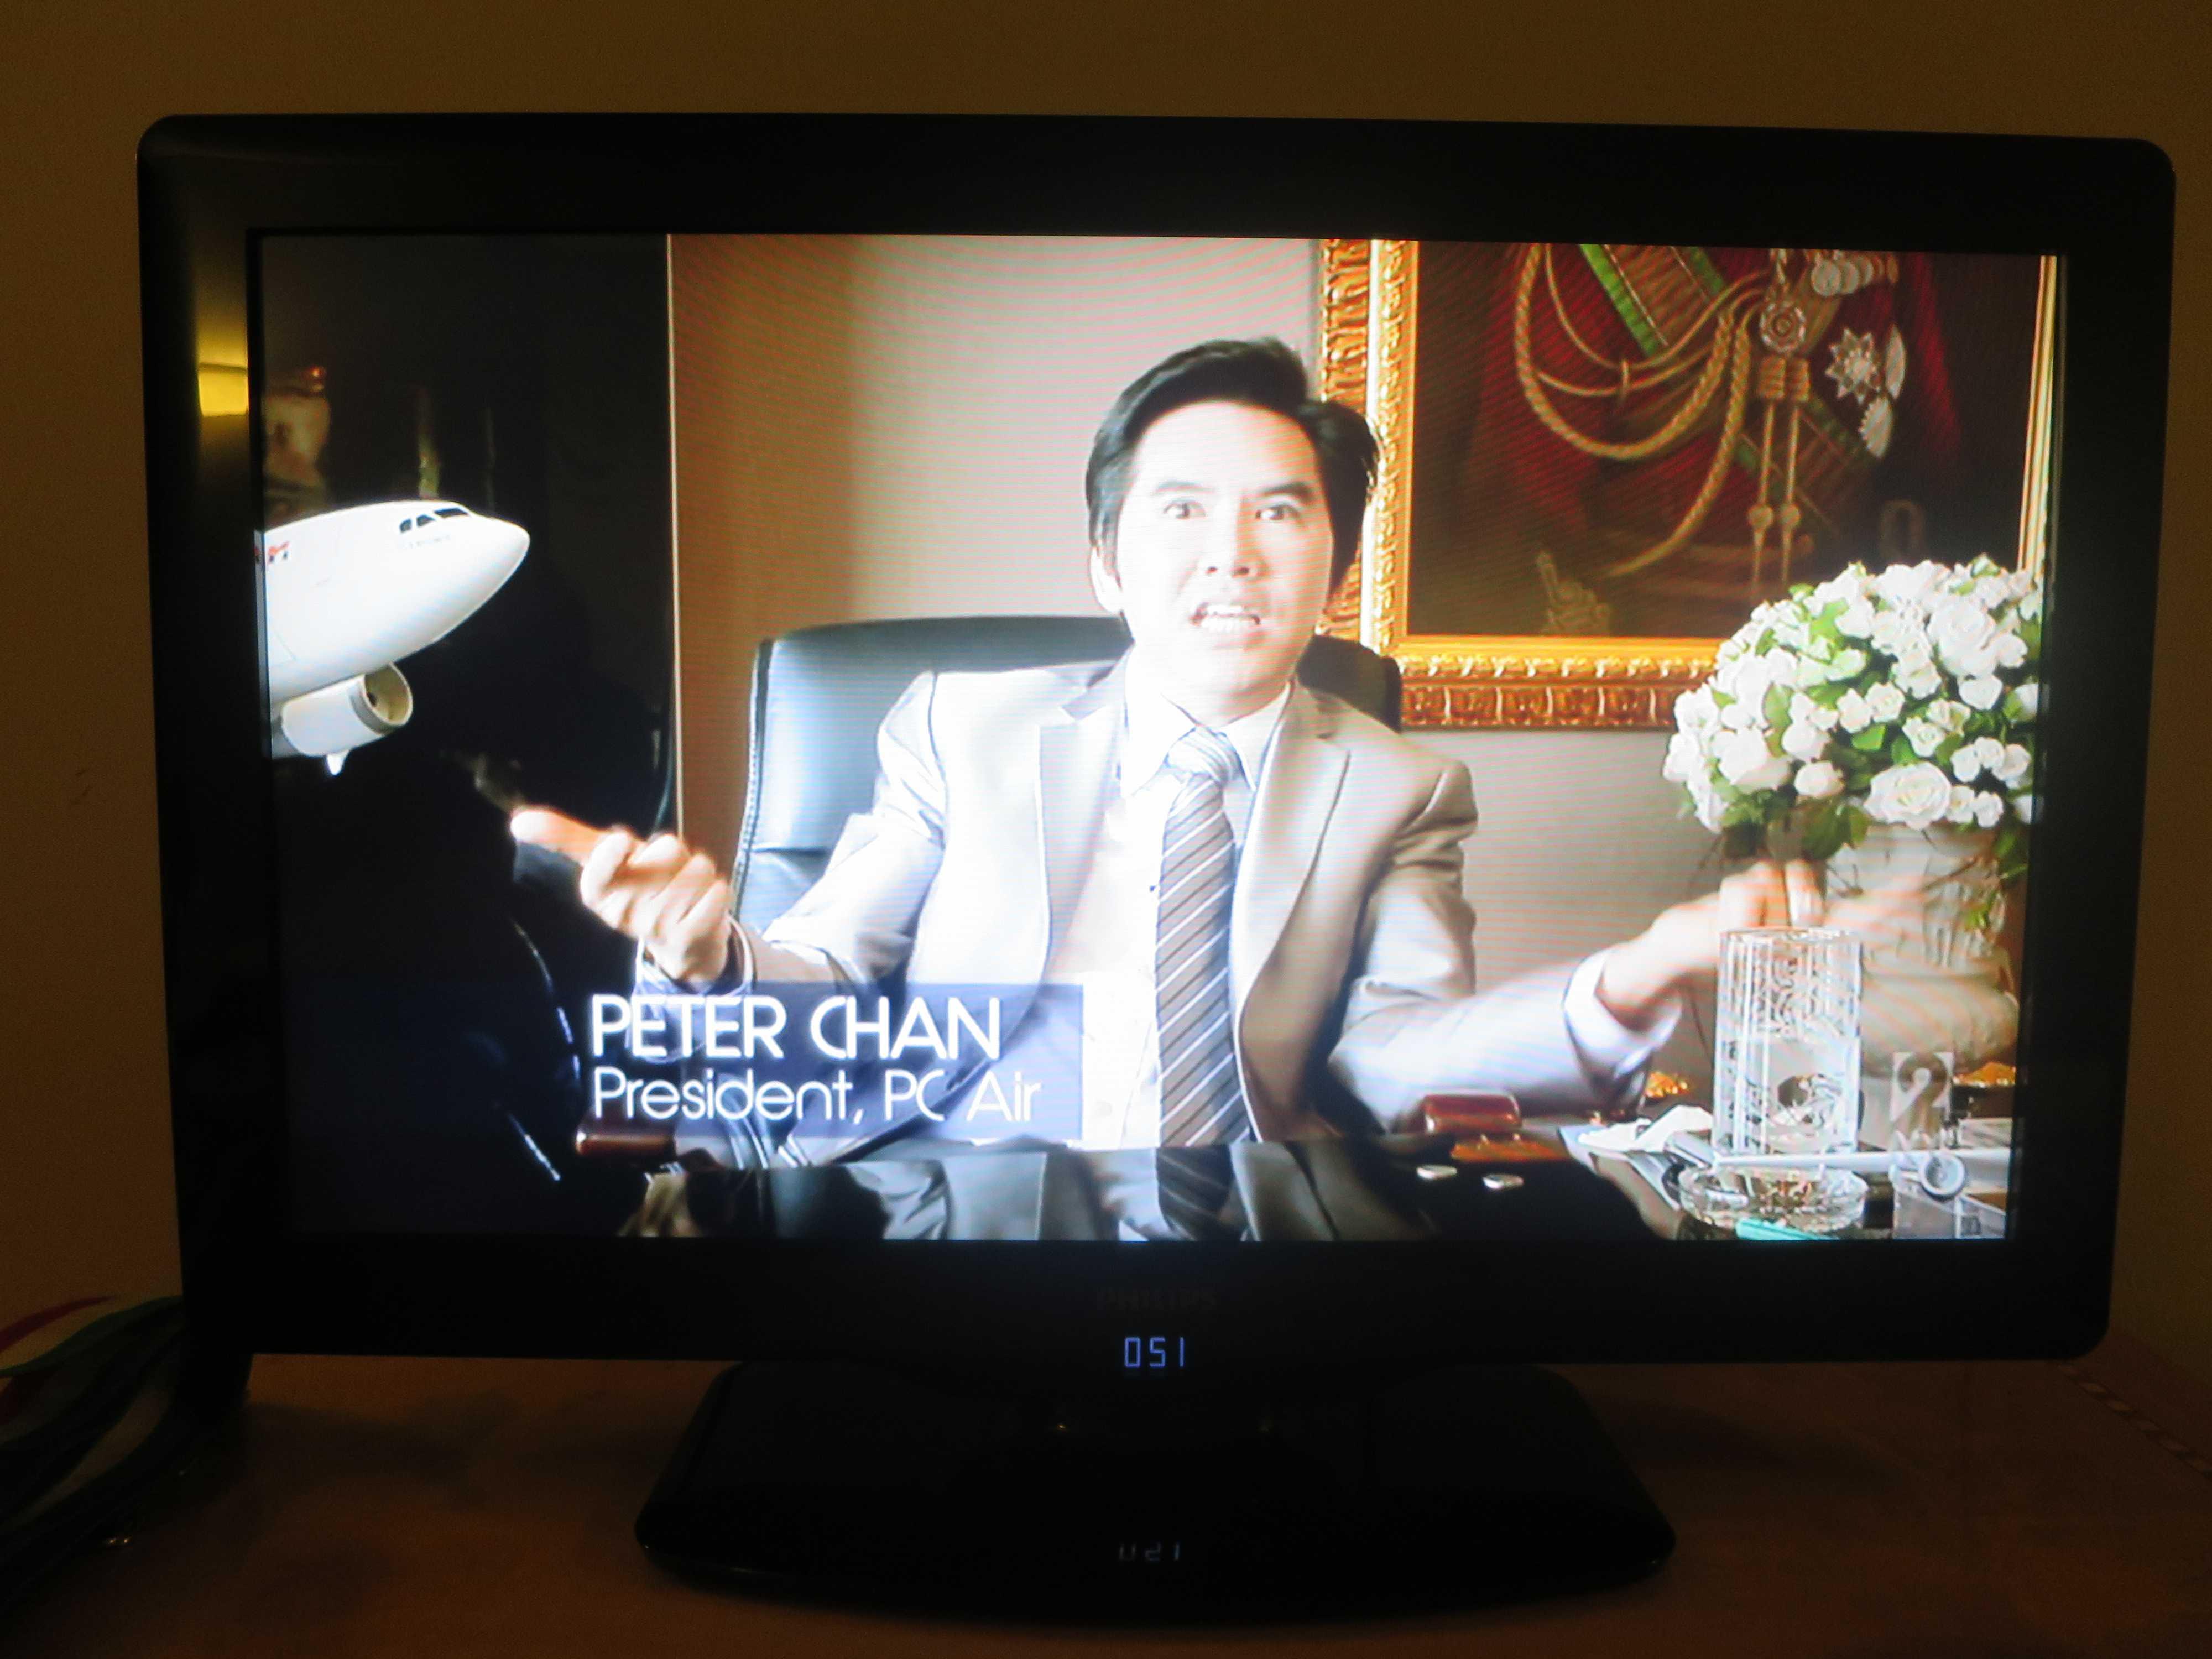 タイの新航空会社「PCエアー」の社長